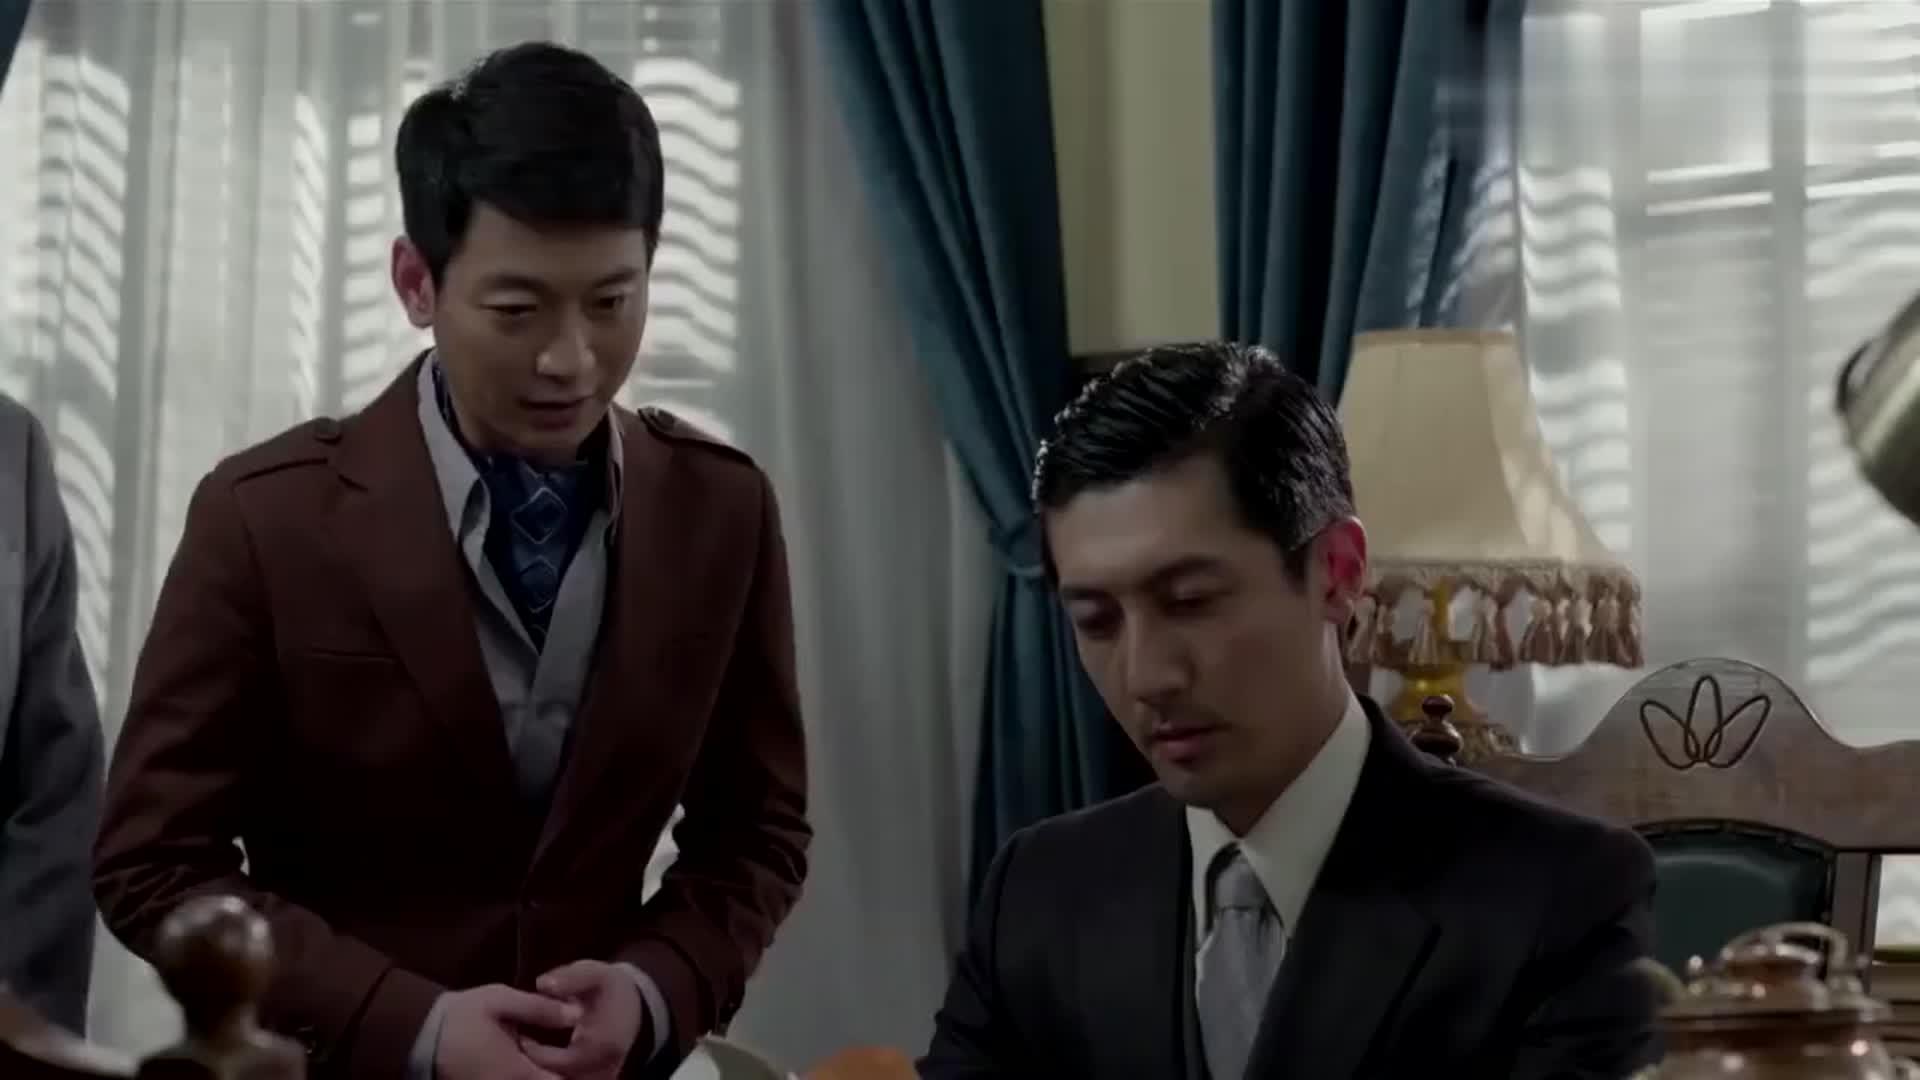 麻雀:为了怕陈深又危险,碧城绑架了李小男,真是用心良苦!